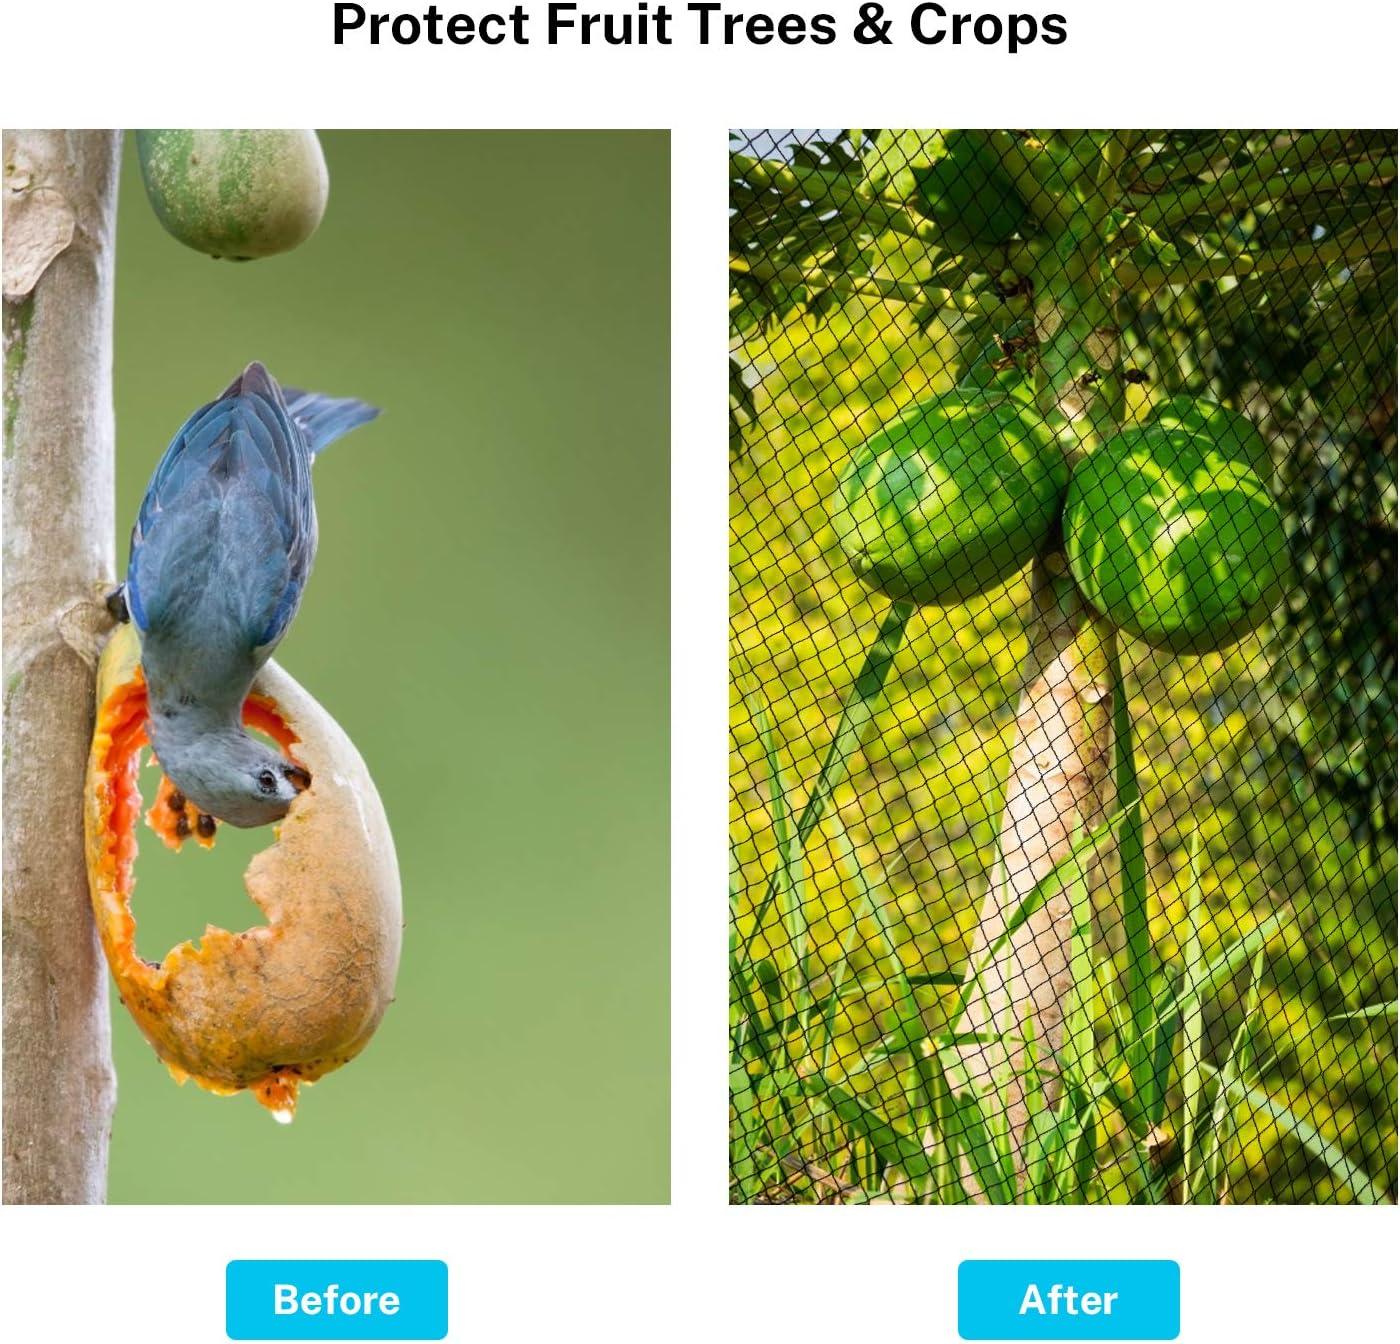 Sunkorto Reti per Uccelli Reti Anti Uccelli Reti Protettive Riutilizzabile 4x10M//2.3x19.8M//7.6x15.2M Rete da Giardinoper Frutti Colture Piante Maglia Quadrata da 1,8 cm